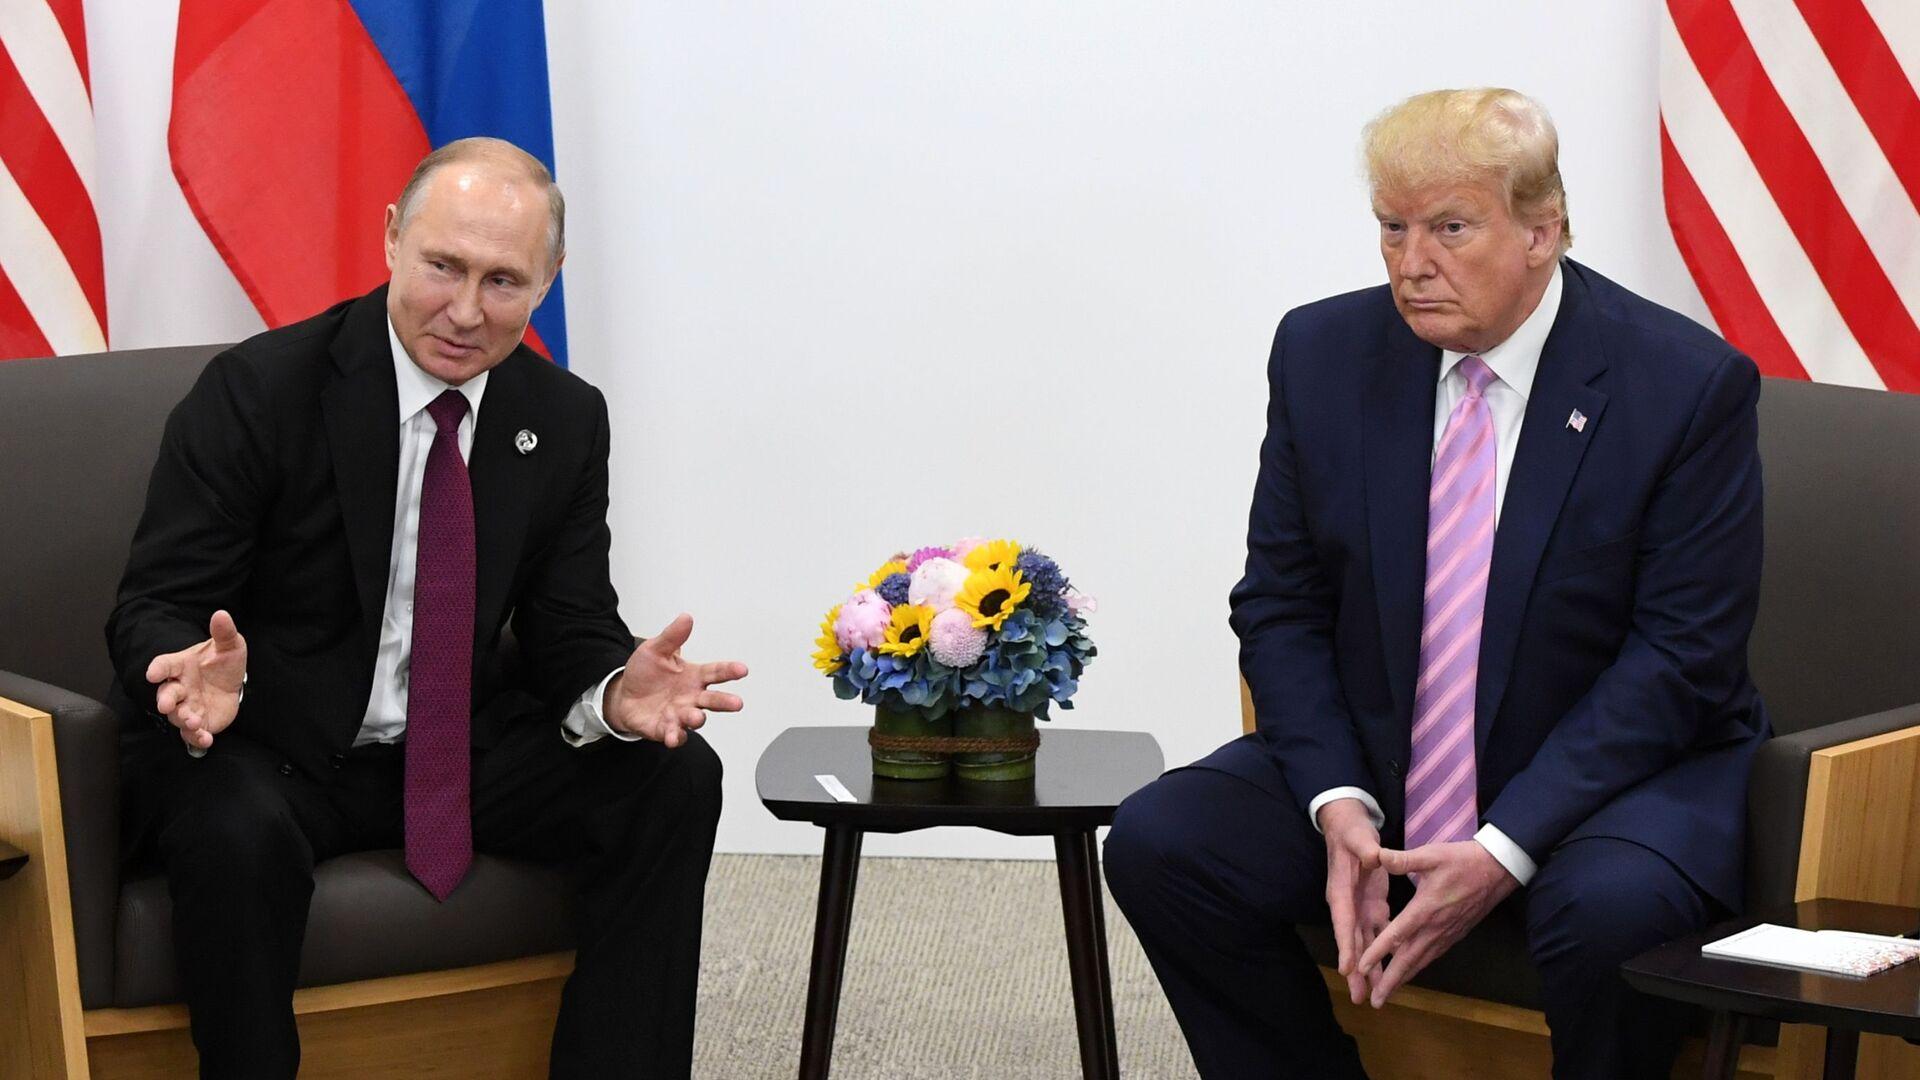 Spotkanie Władimira Putina i Donalda Trumpa na szczycie G20 w Japonii - Sputnik Polska, 1920, 29.09.2021